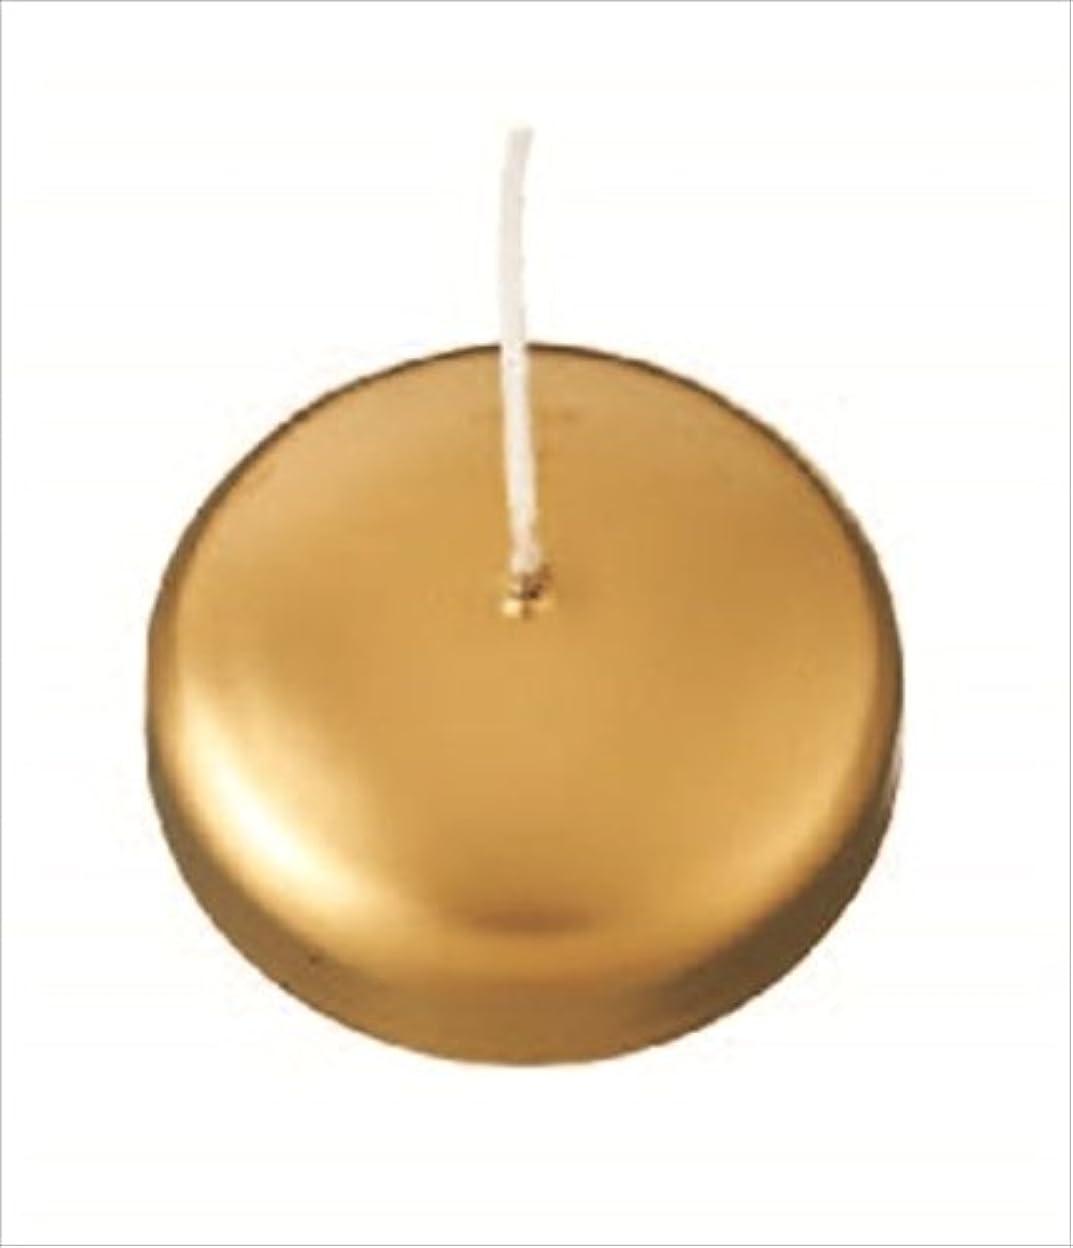 ファーム試み対称カメヤマキャンドル(kameyama candle) プール80 「 ゴールド 」